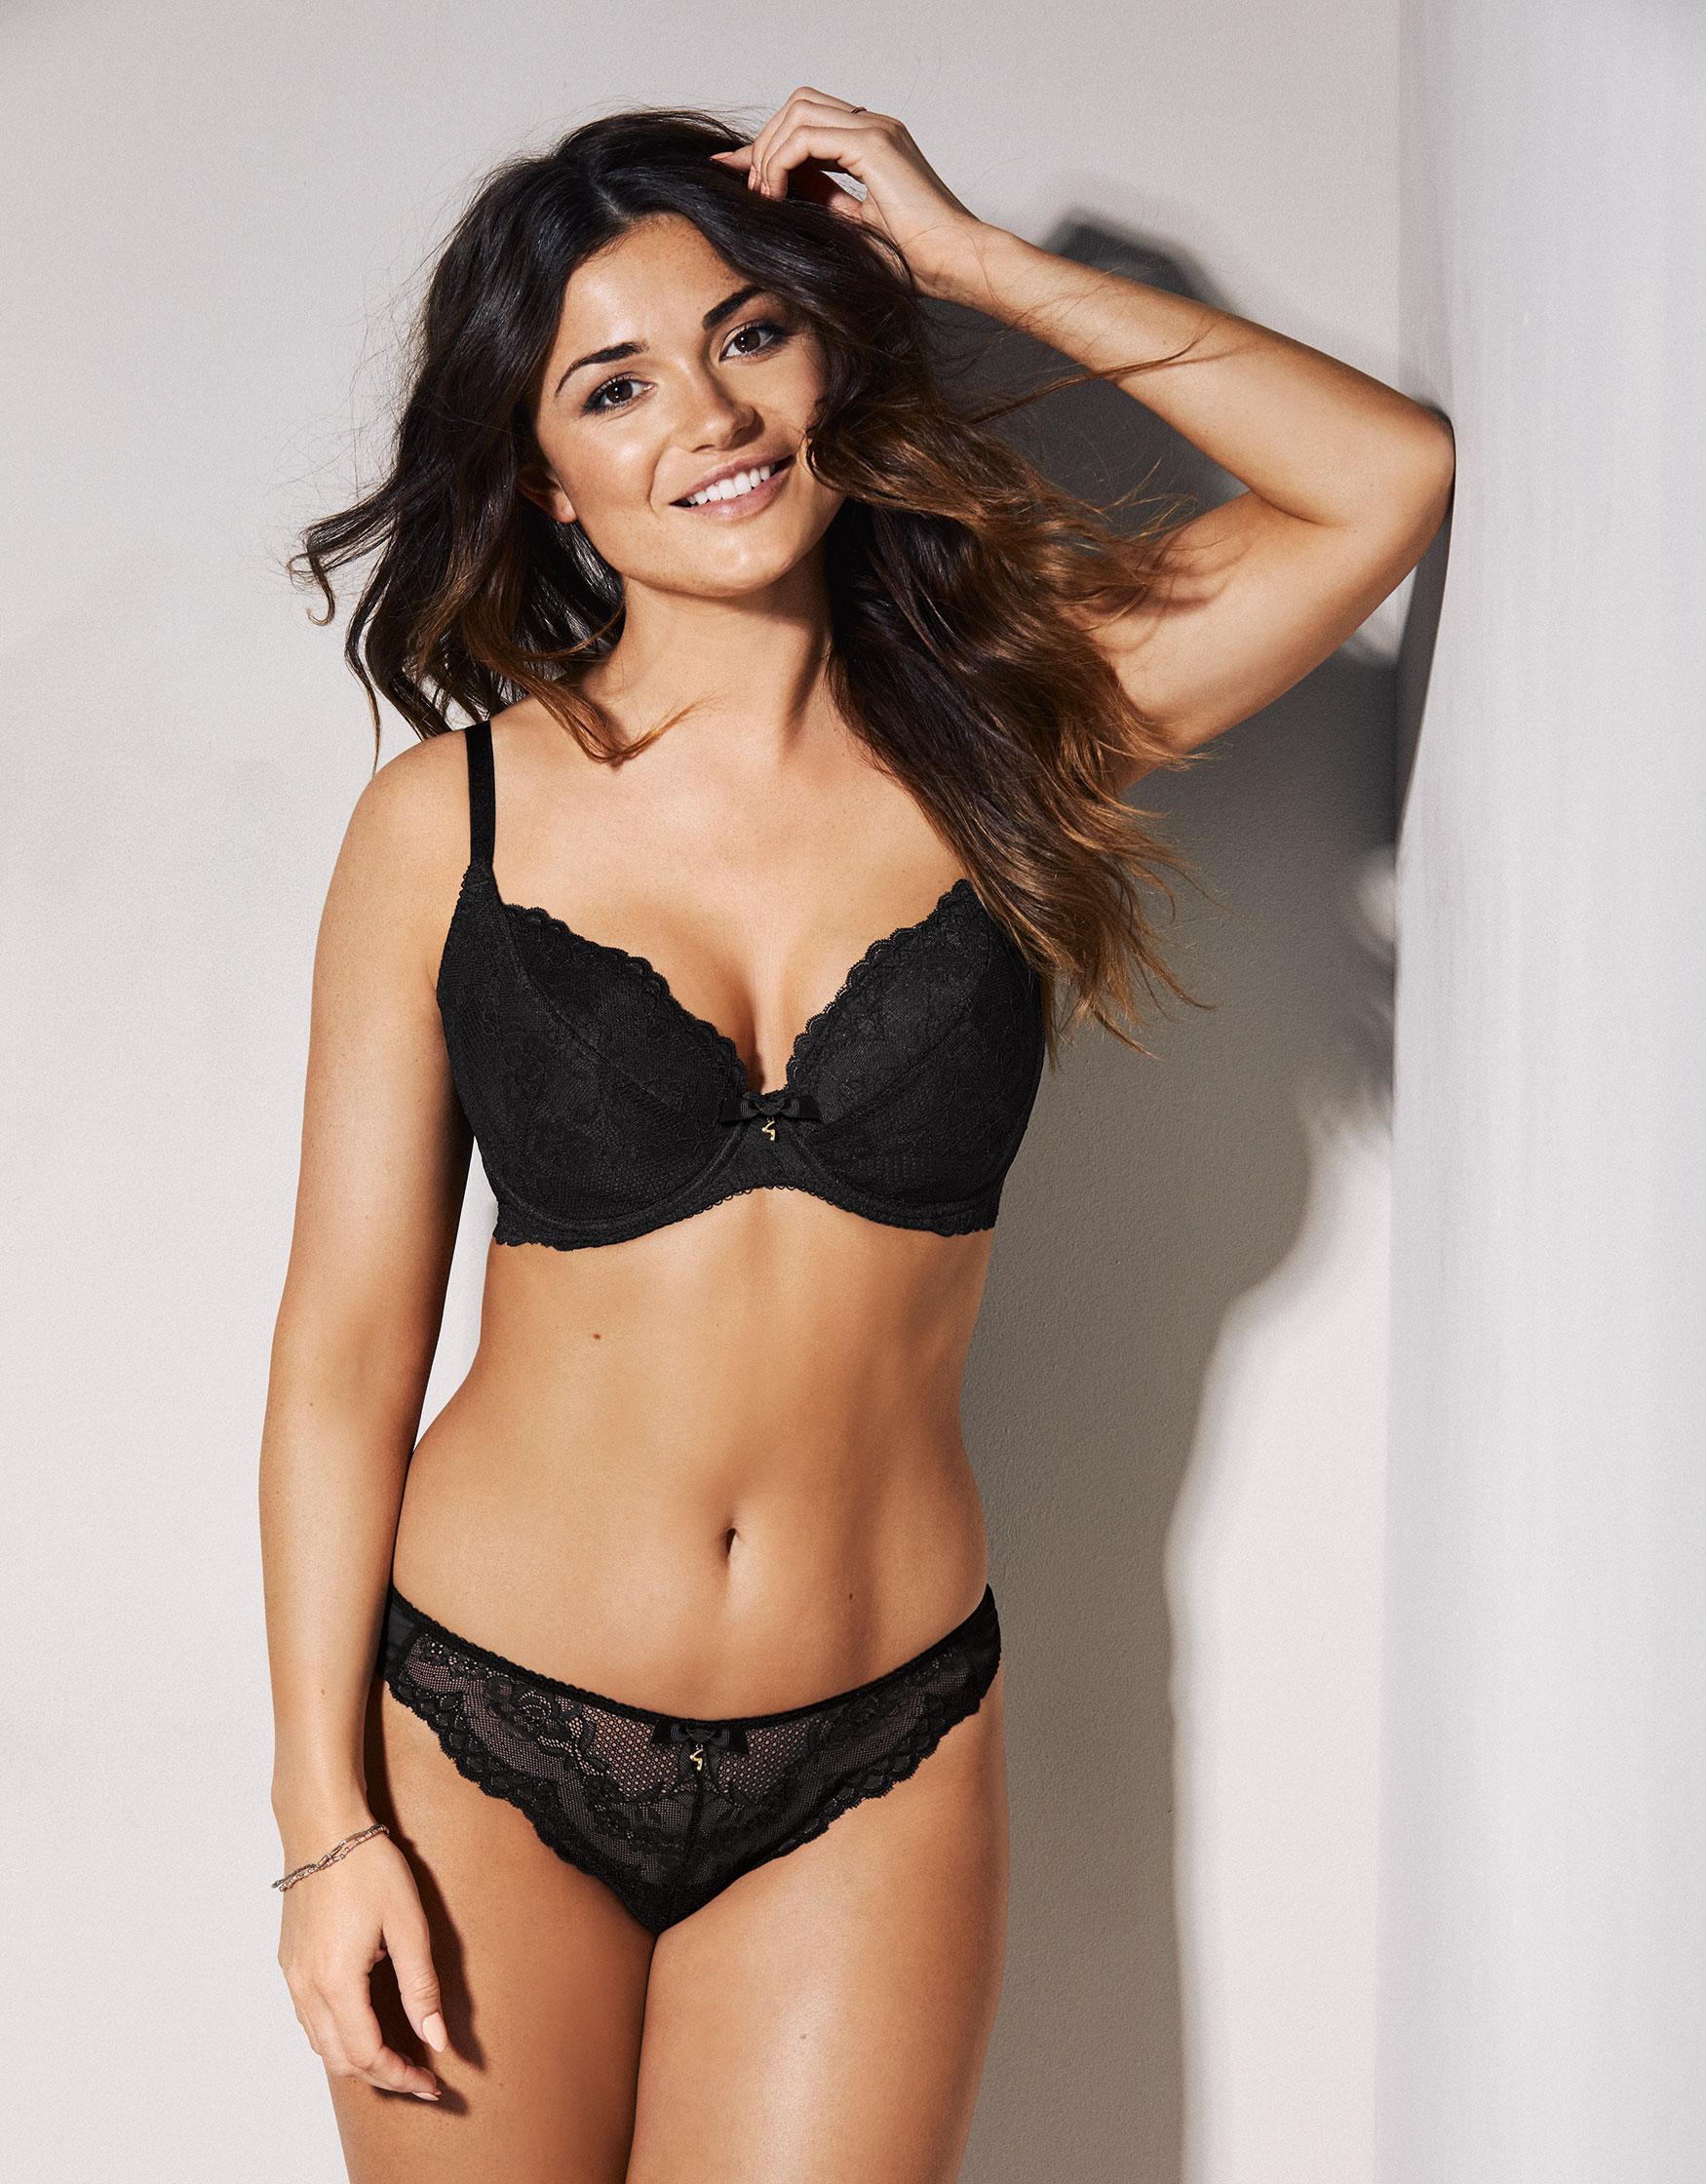 1c0168c91af2e Superboost lace plunge bra in black gossard bravissimo jpg 550x704 Gossard  superboost lace